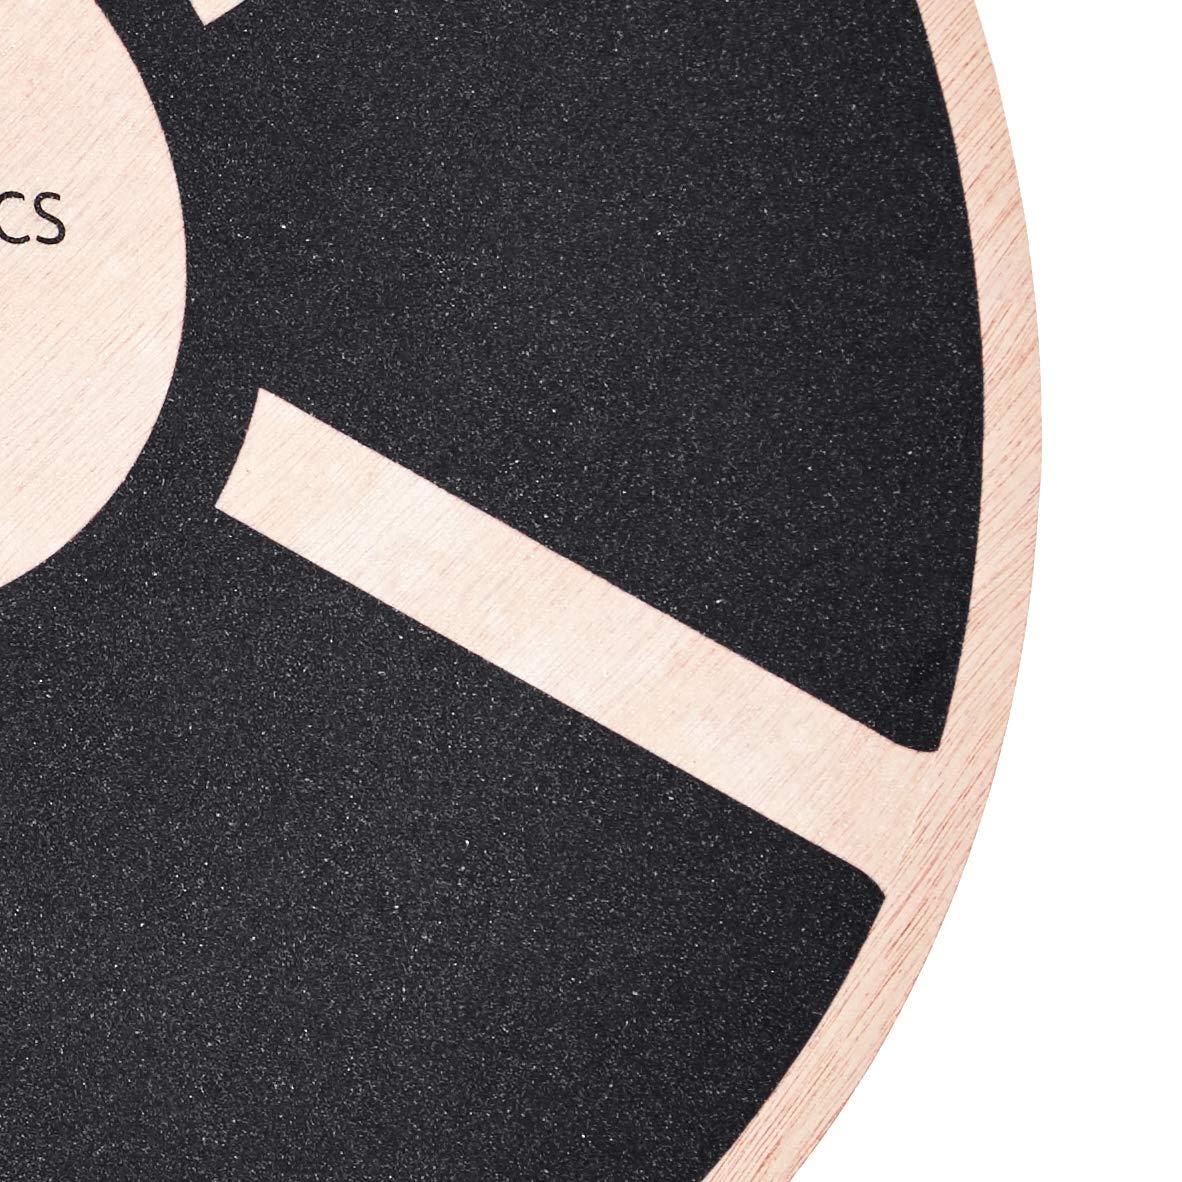 Basics oscilante Tablero de equilibrio de madera